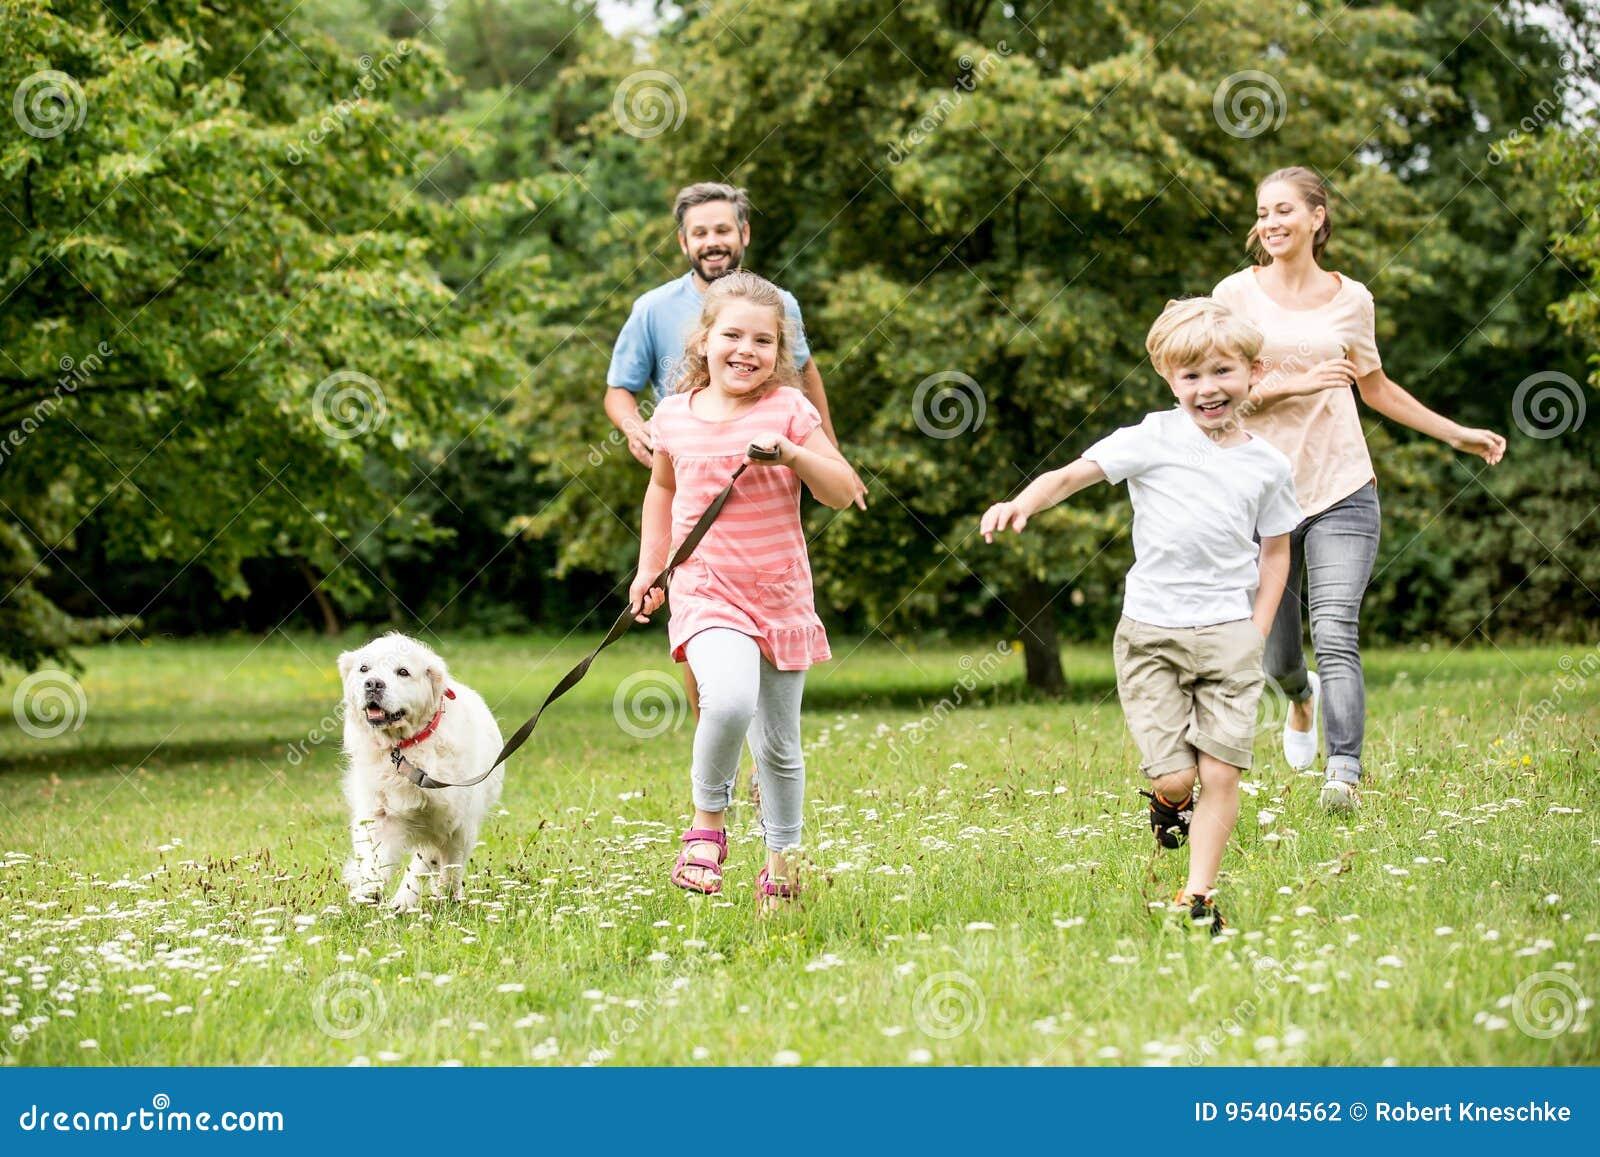 Семья с 2 детьми и собаками